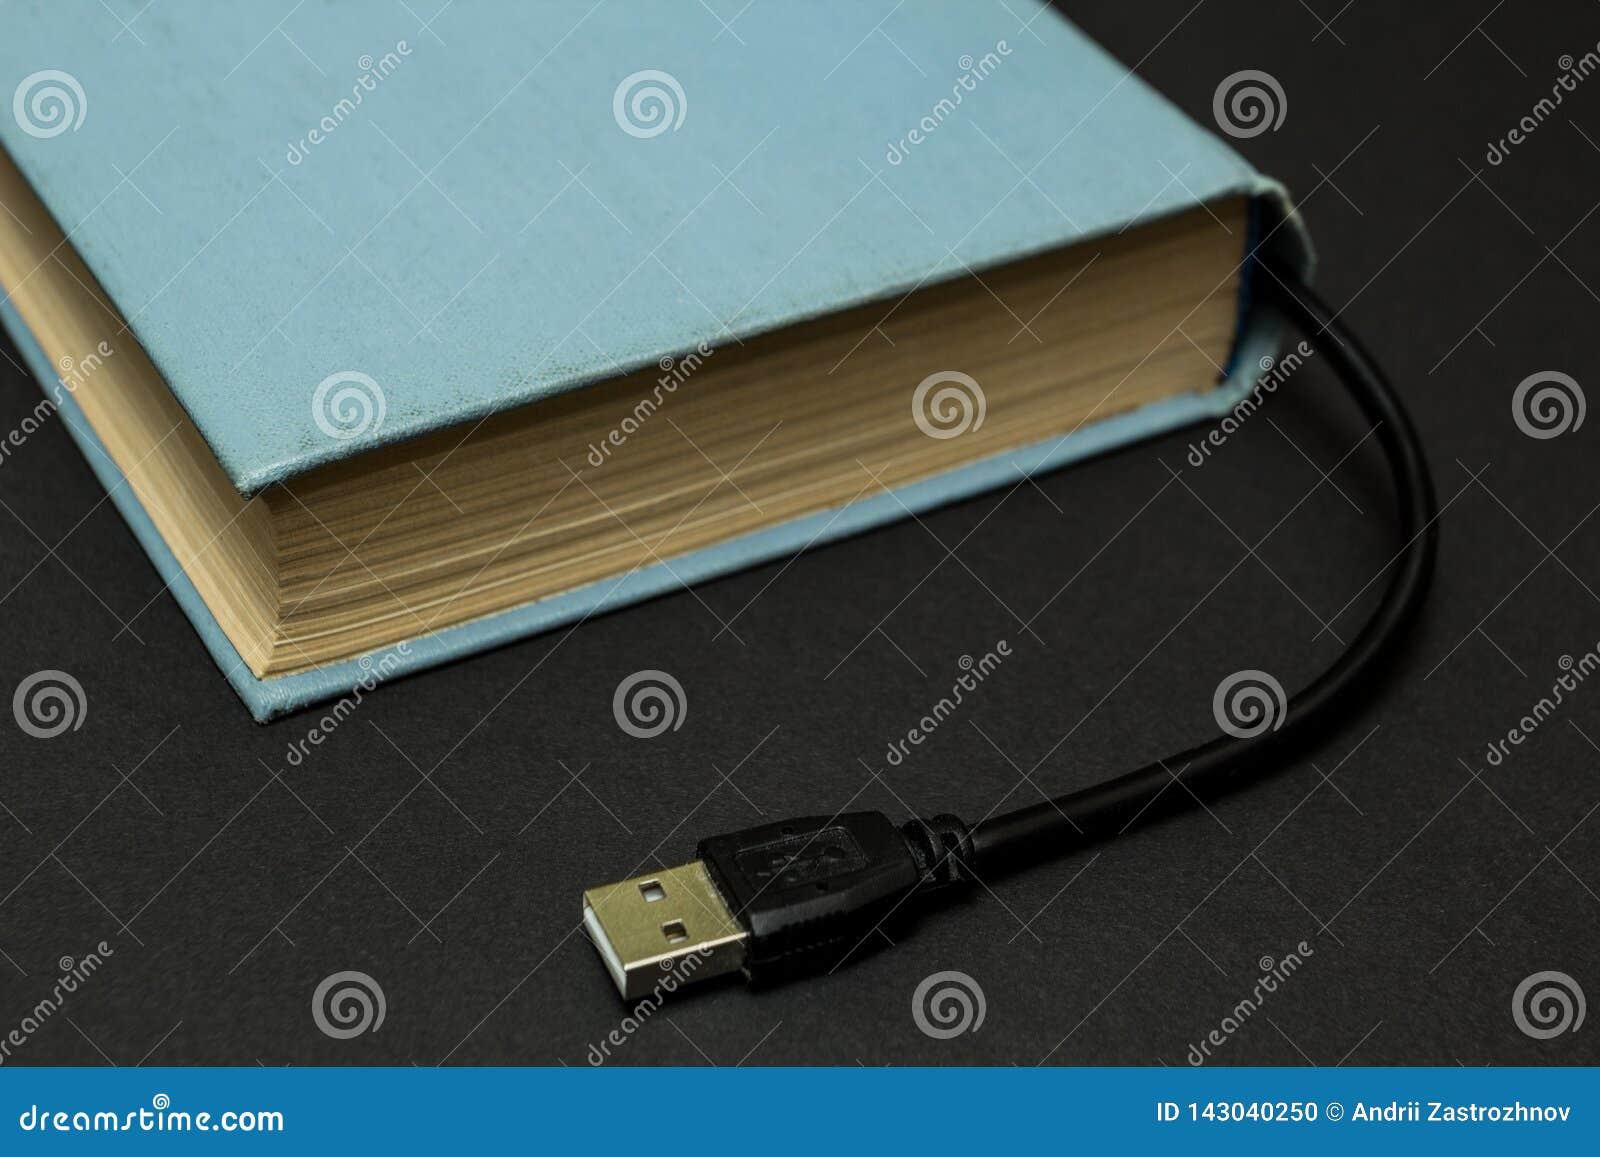 Blauw boek met een USB-schakelaar op een zwarte achtergrond